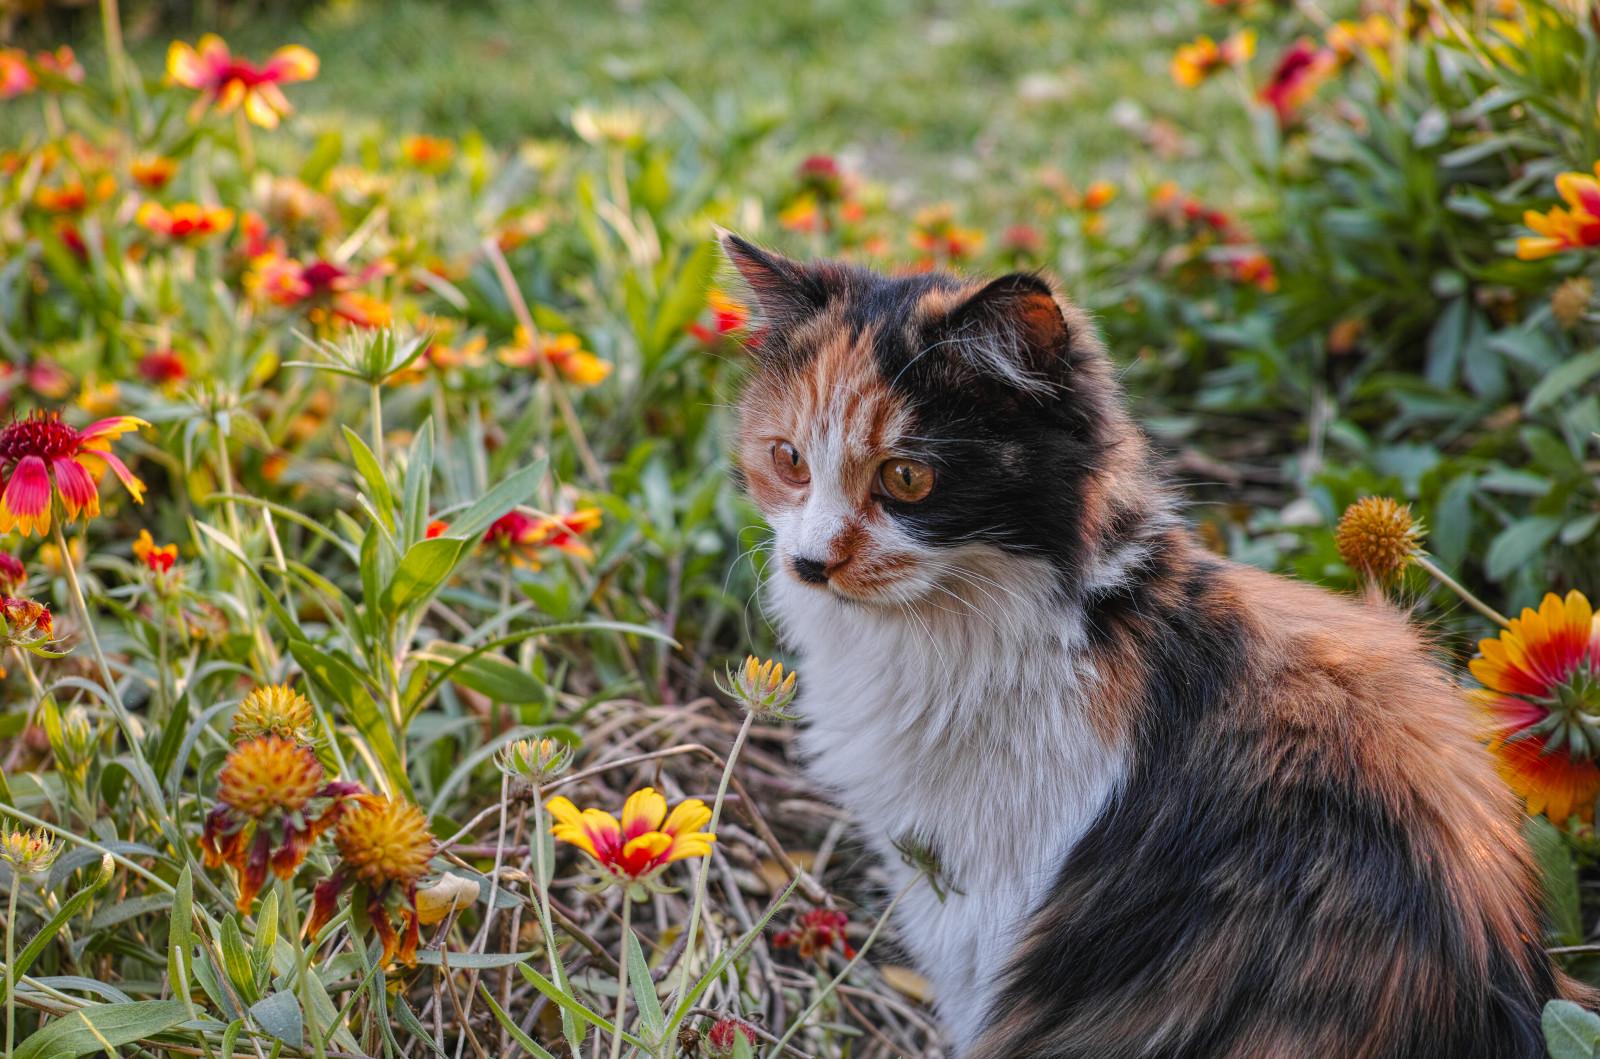 Sfondi erba autunno fiore dp2m miei amici gattino for Gatto della foresta norvegese